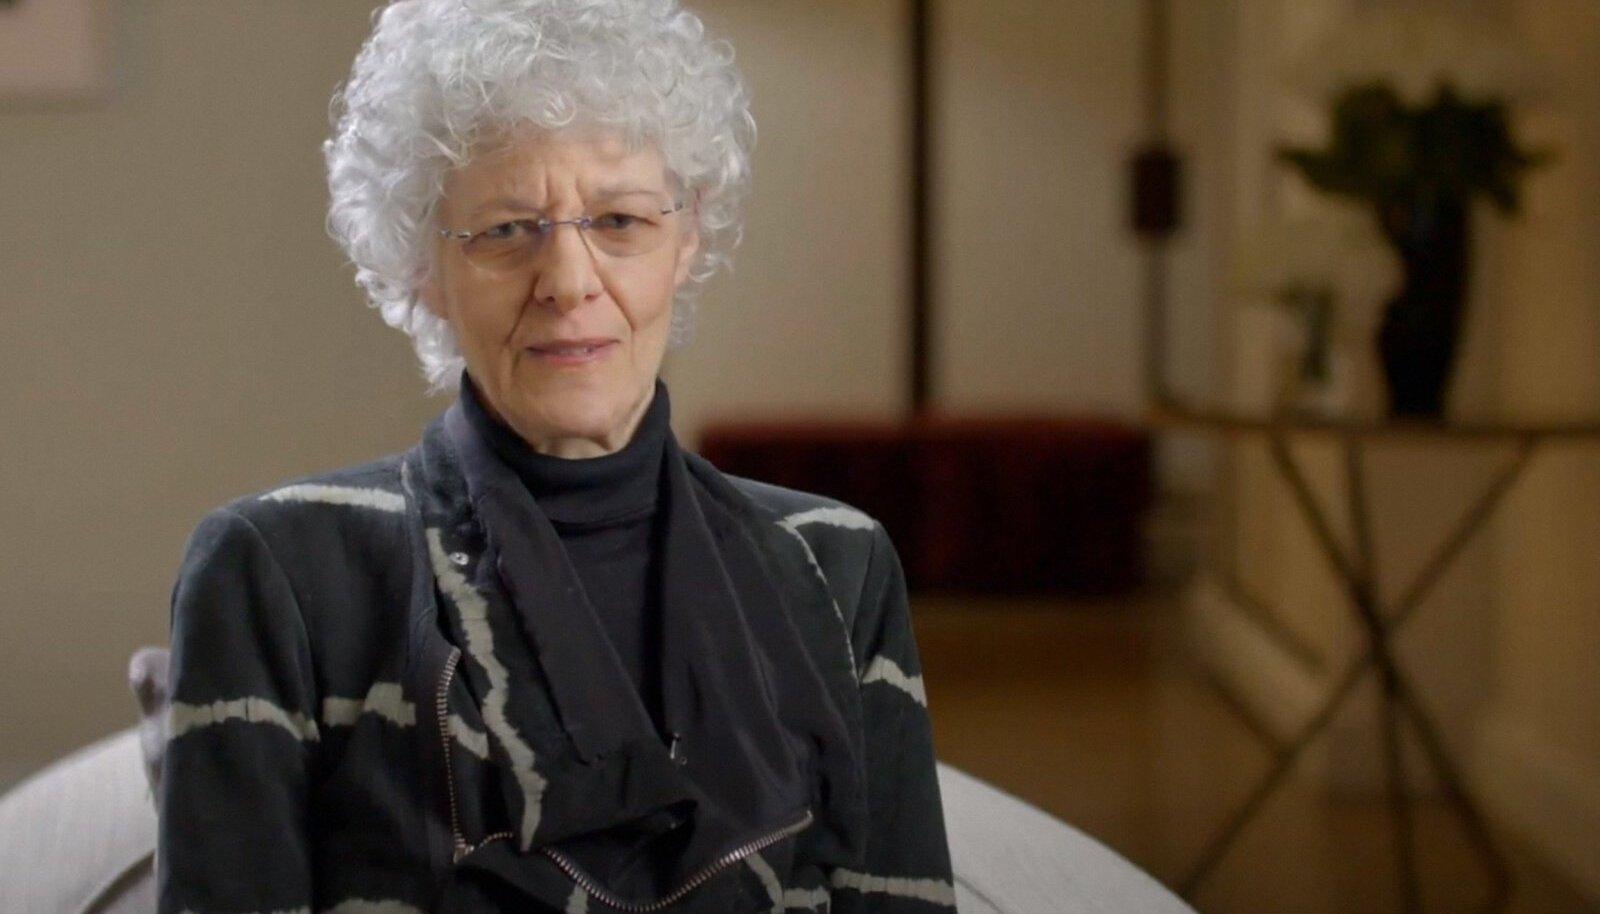 HIIGLASLIKU KUNSTIPETTUSE KESKMES: Pikka aega mainekas Knoedleri galeriis töötanud Ann Freedman müüs üle kümne aasta rahakatele kundele hirmkalleid võltsinguid. Naine oli koos Knoedleri galeriiga kohtu all, aga pääses kohtuväliste kokkulepetega. Freedman müüb endiselt New Yorgis kunsti.